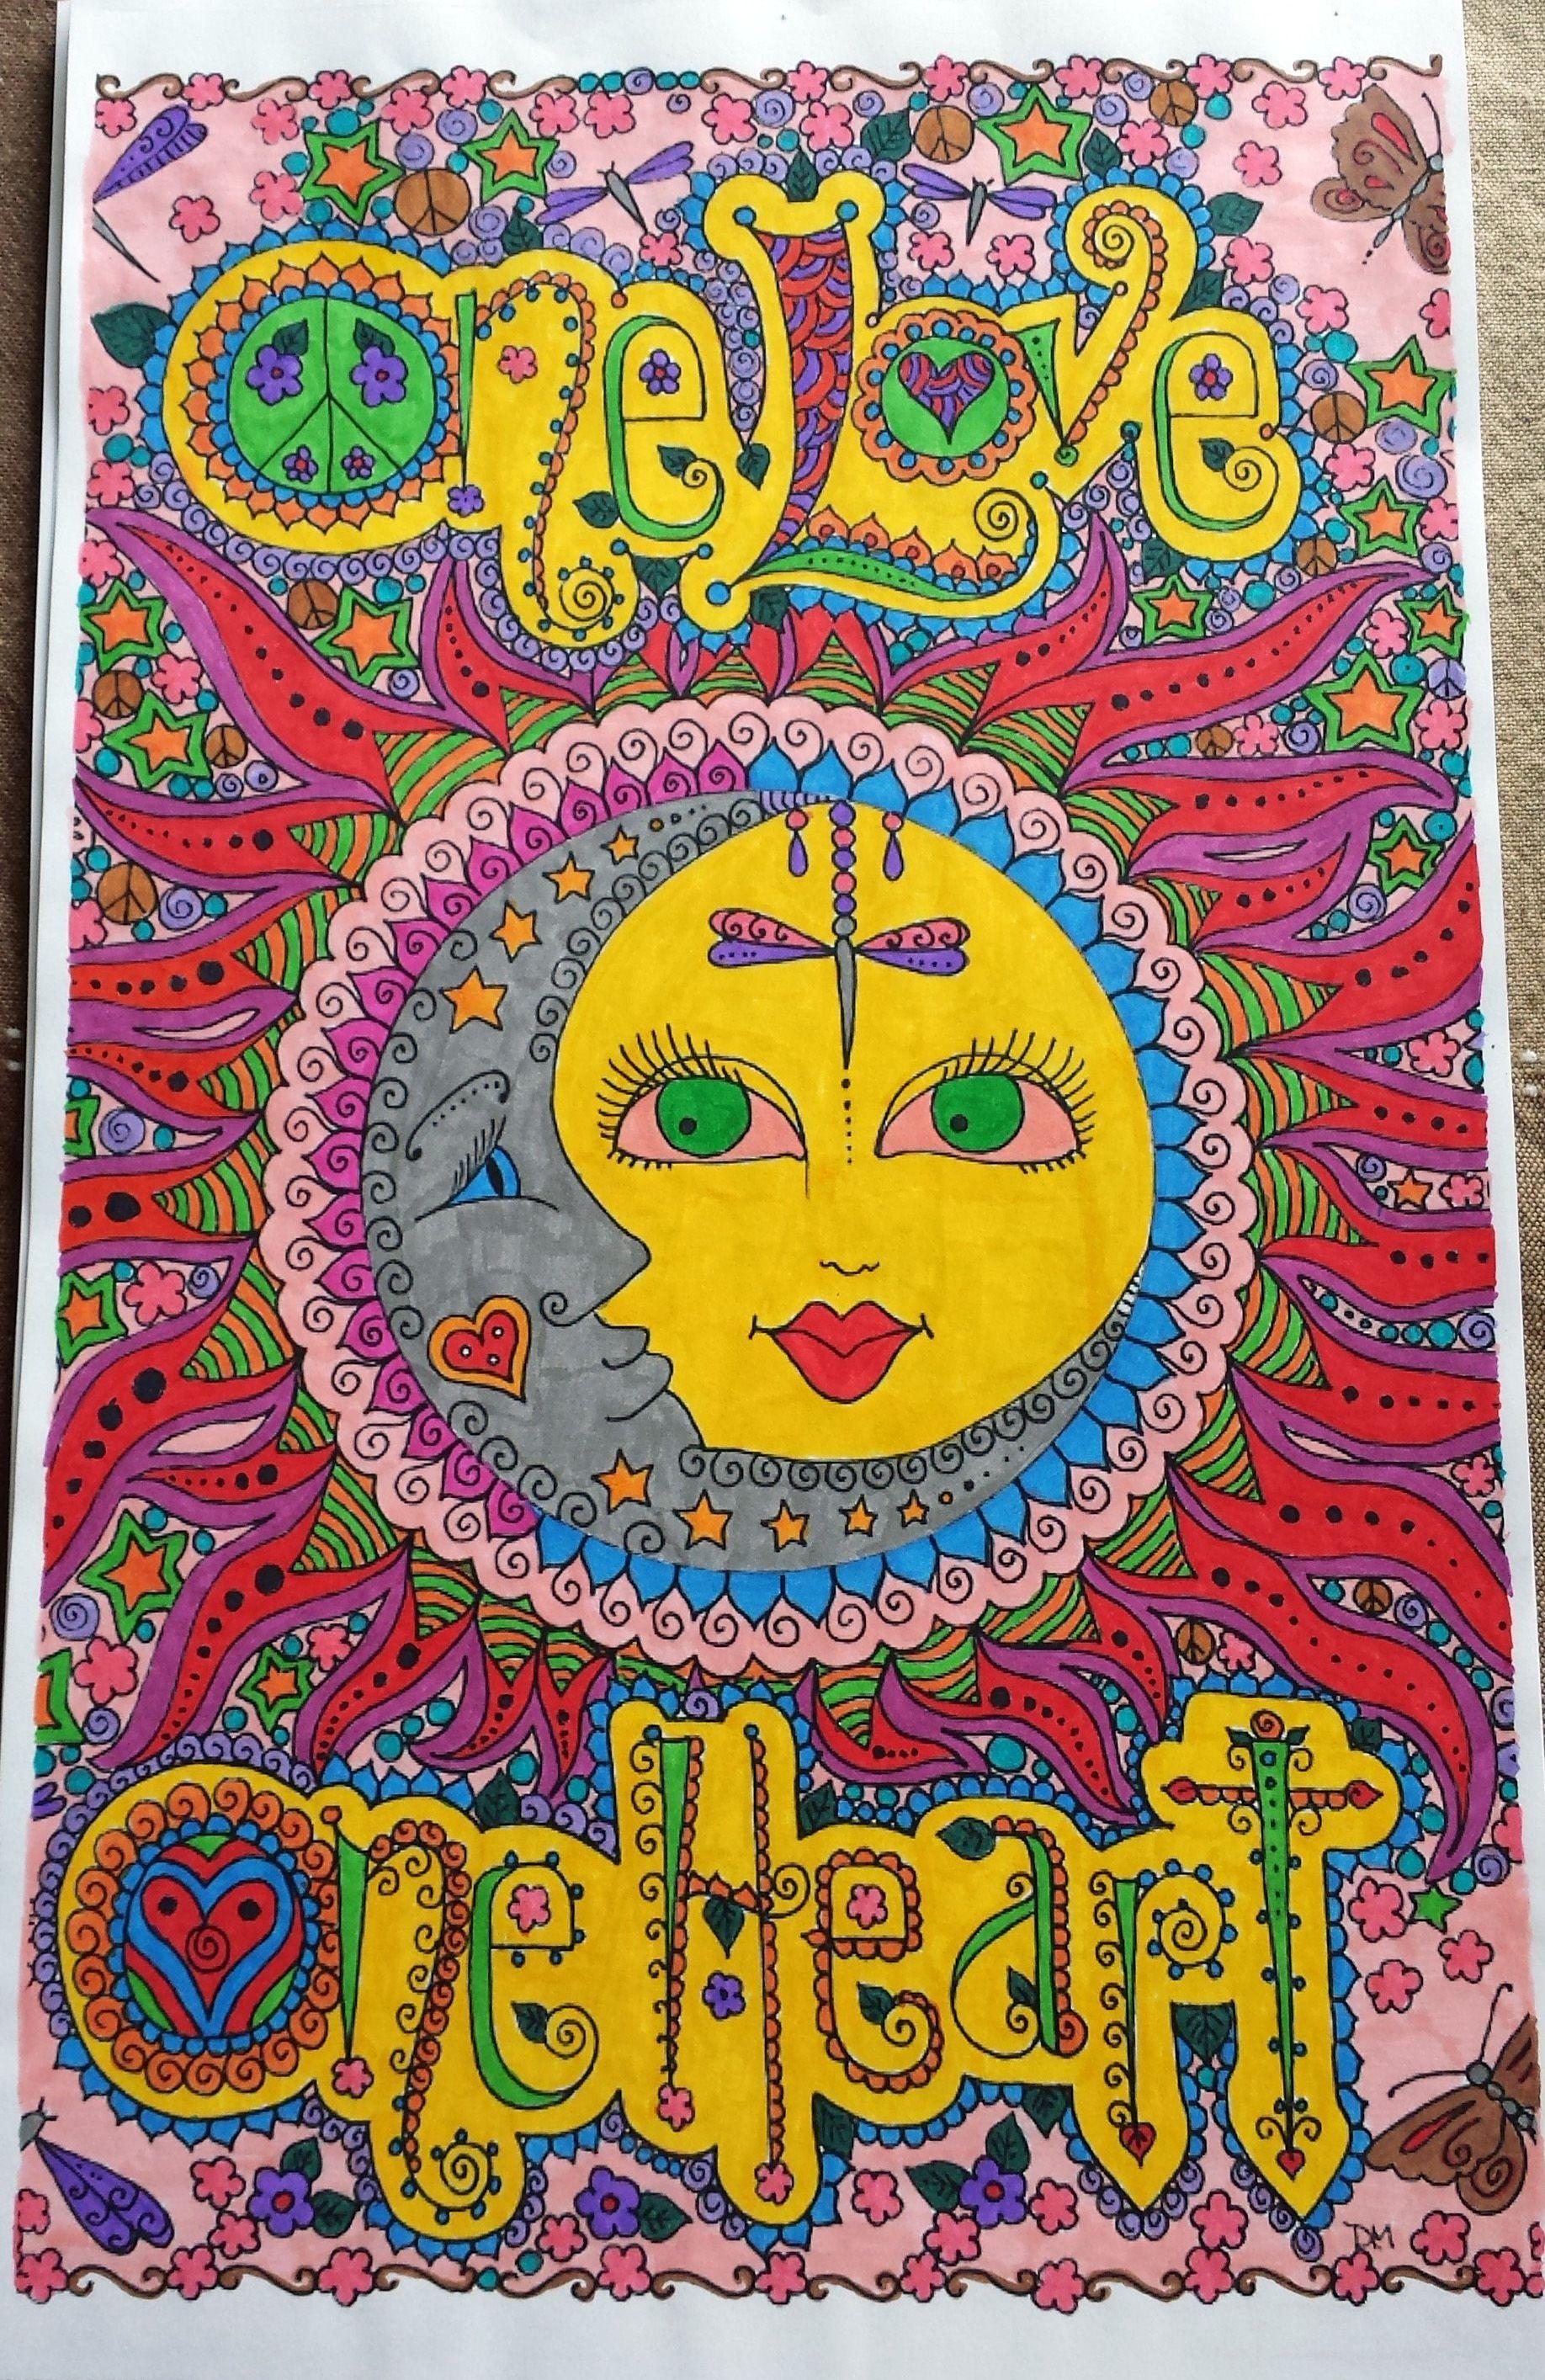 Épinglé par Nicole sur Coloriages faits | Coloriage